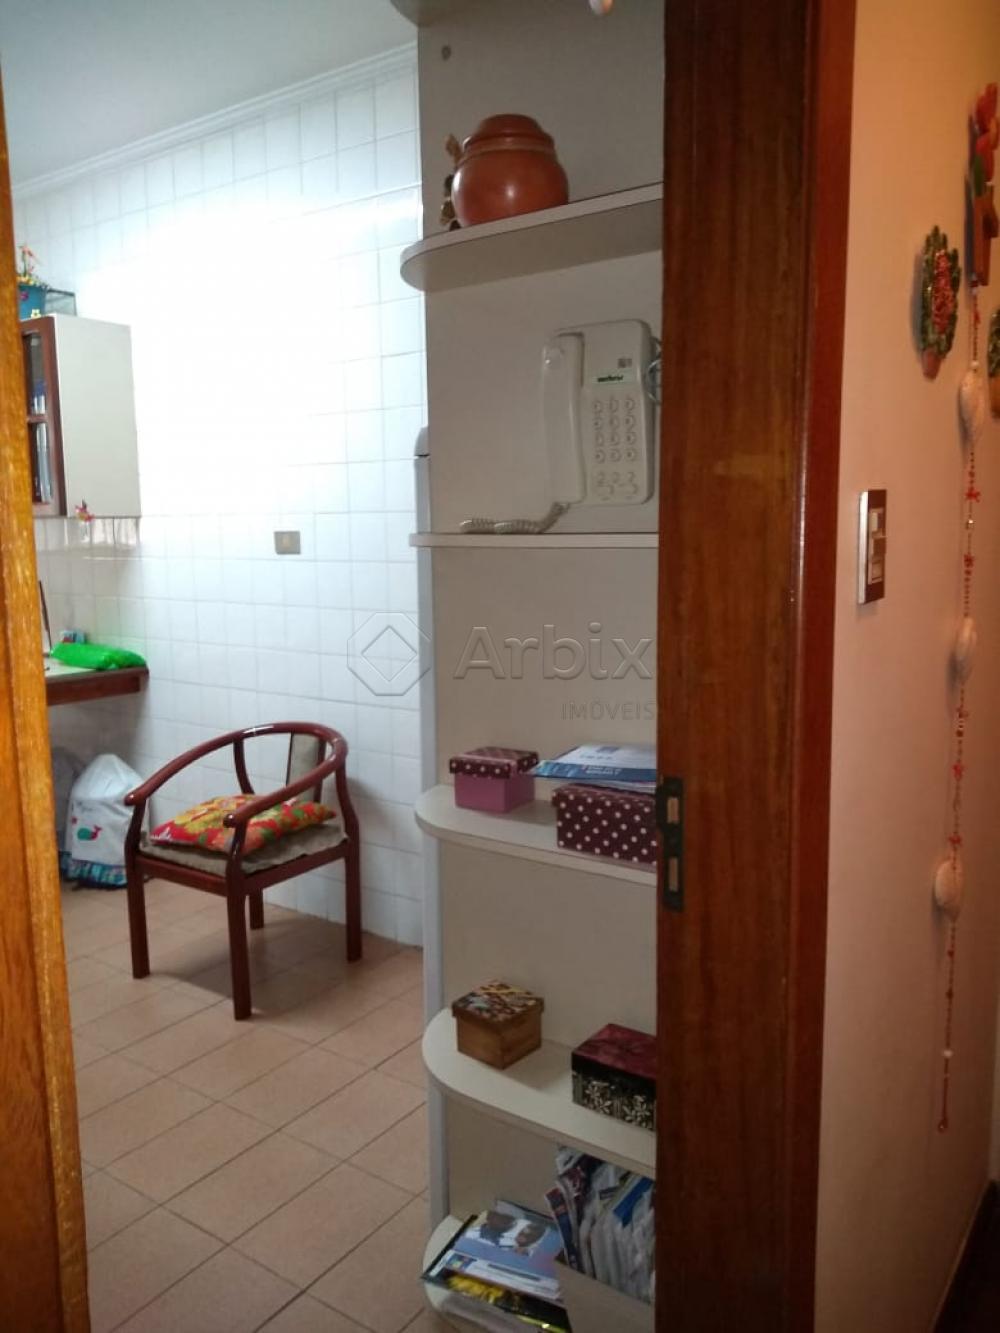 Comprar Apartamento / Padrão em Americana apenas R$ 280.000,00 - Foto 5